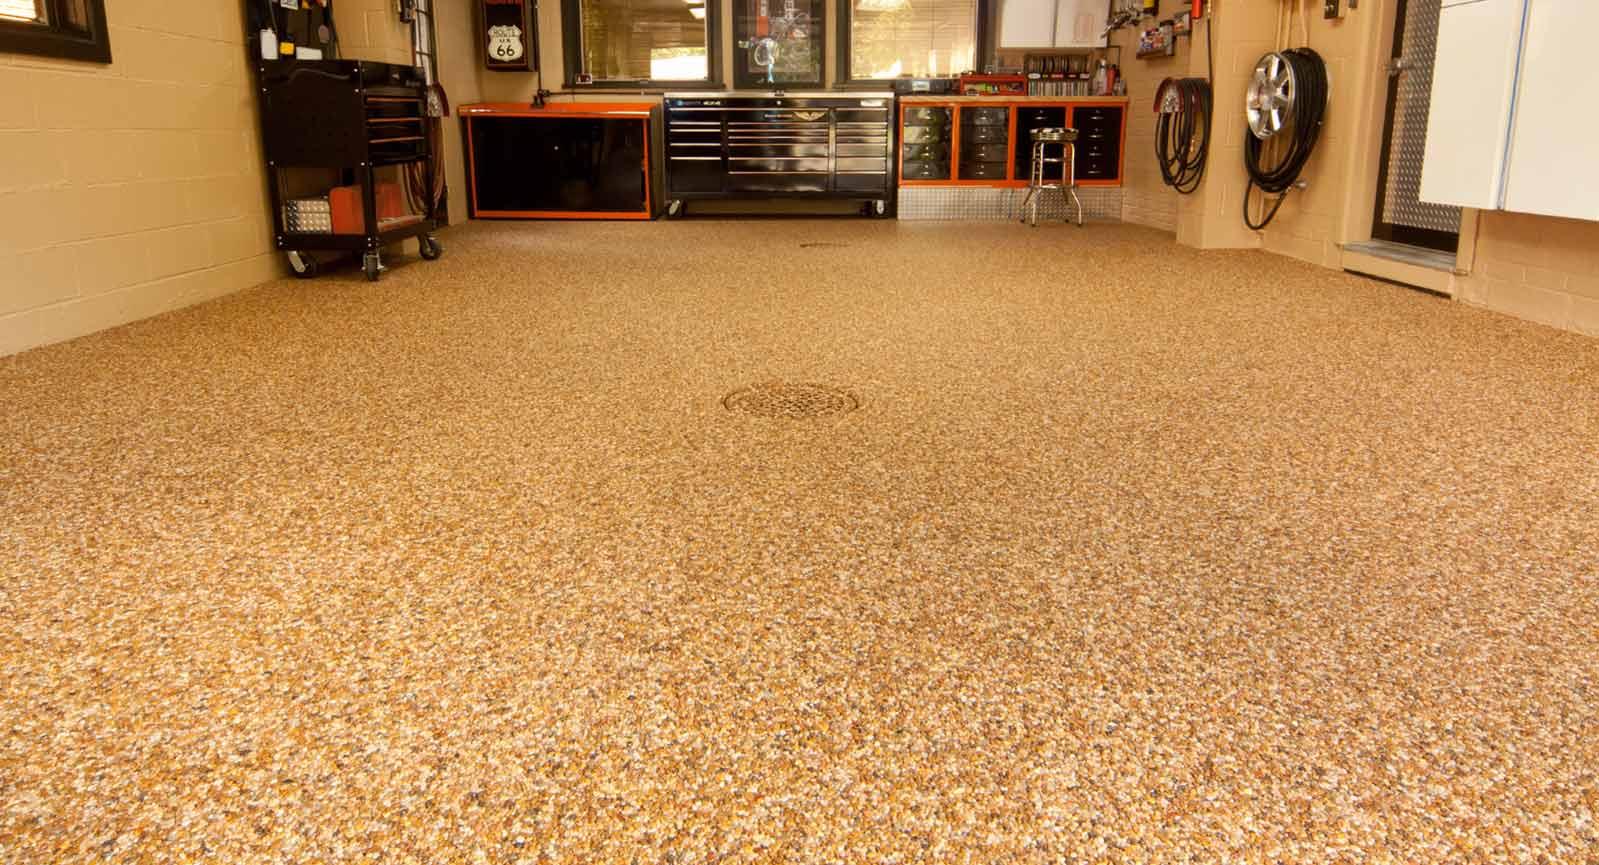 Garage Floor Repair, Garage Seal, Metallic Epoxy Floor, Metallic Coating